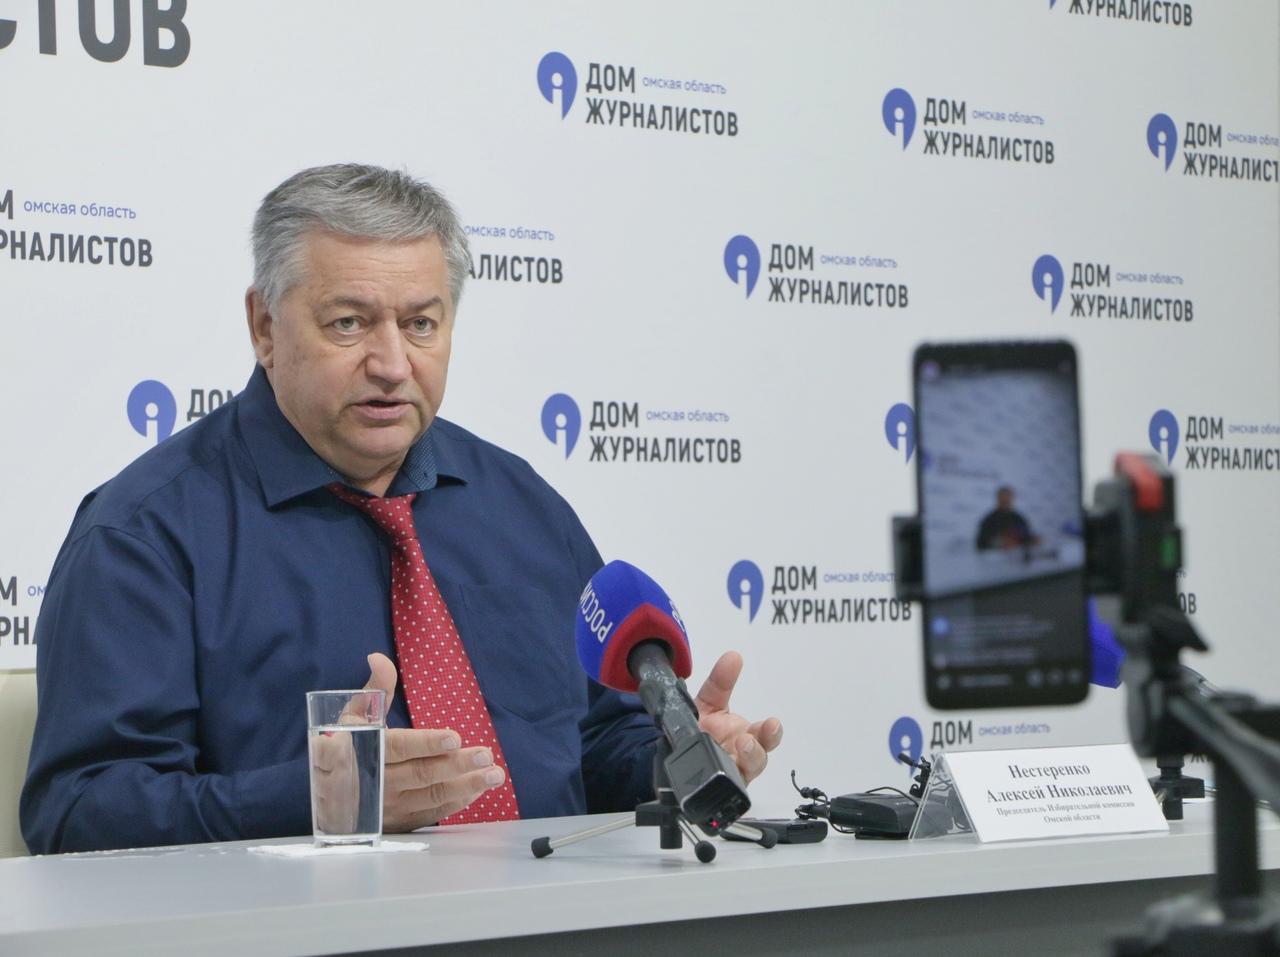 Нестеренко рассказал о фальсификациях на выборах #Новости #Общество #Омск